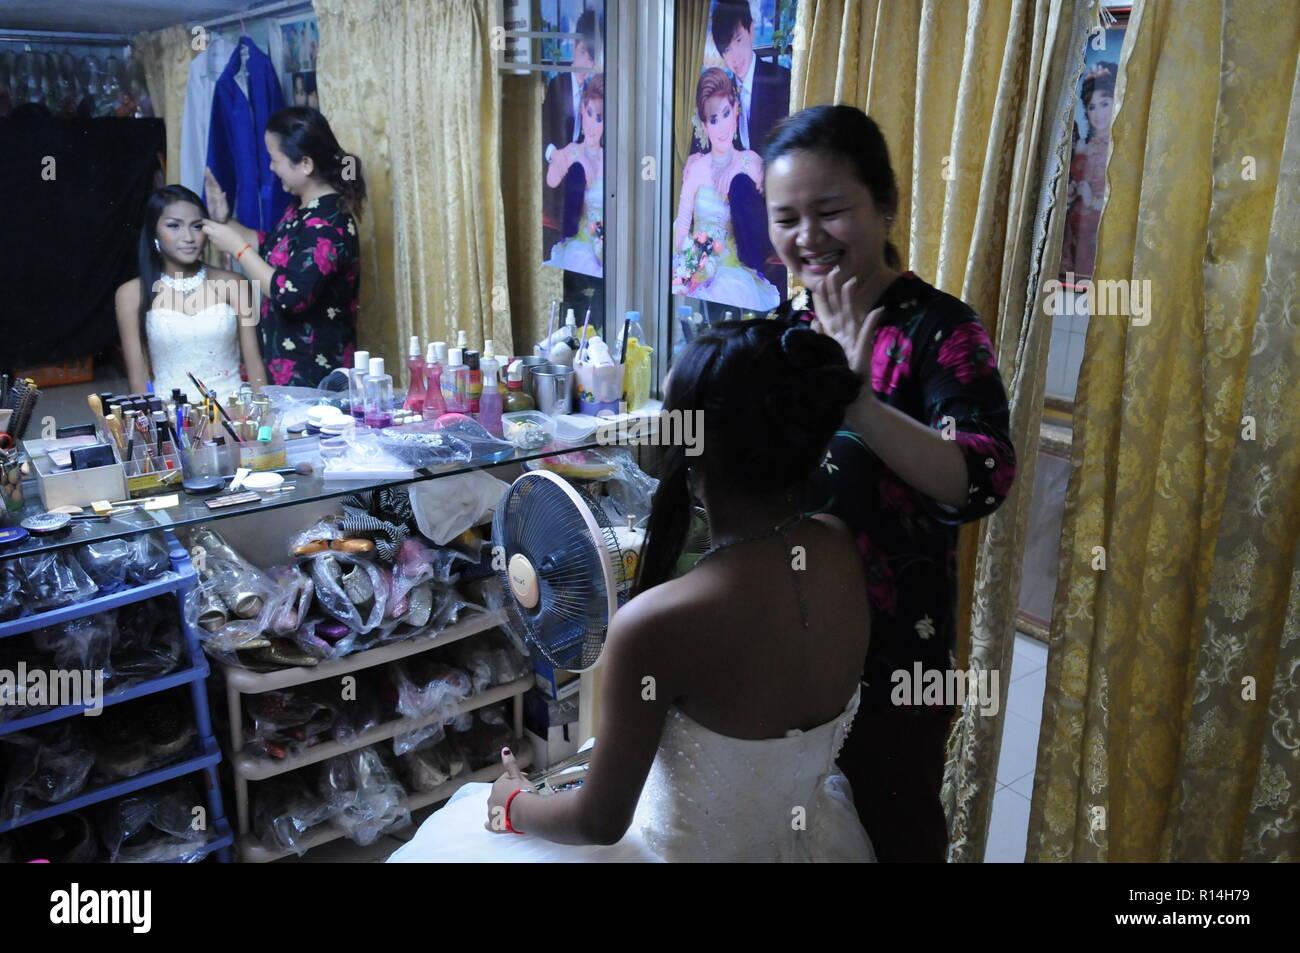 Epouse cambodgienne, w/ hairstylist, se préparer pour un